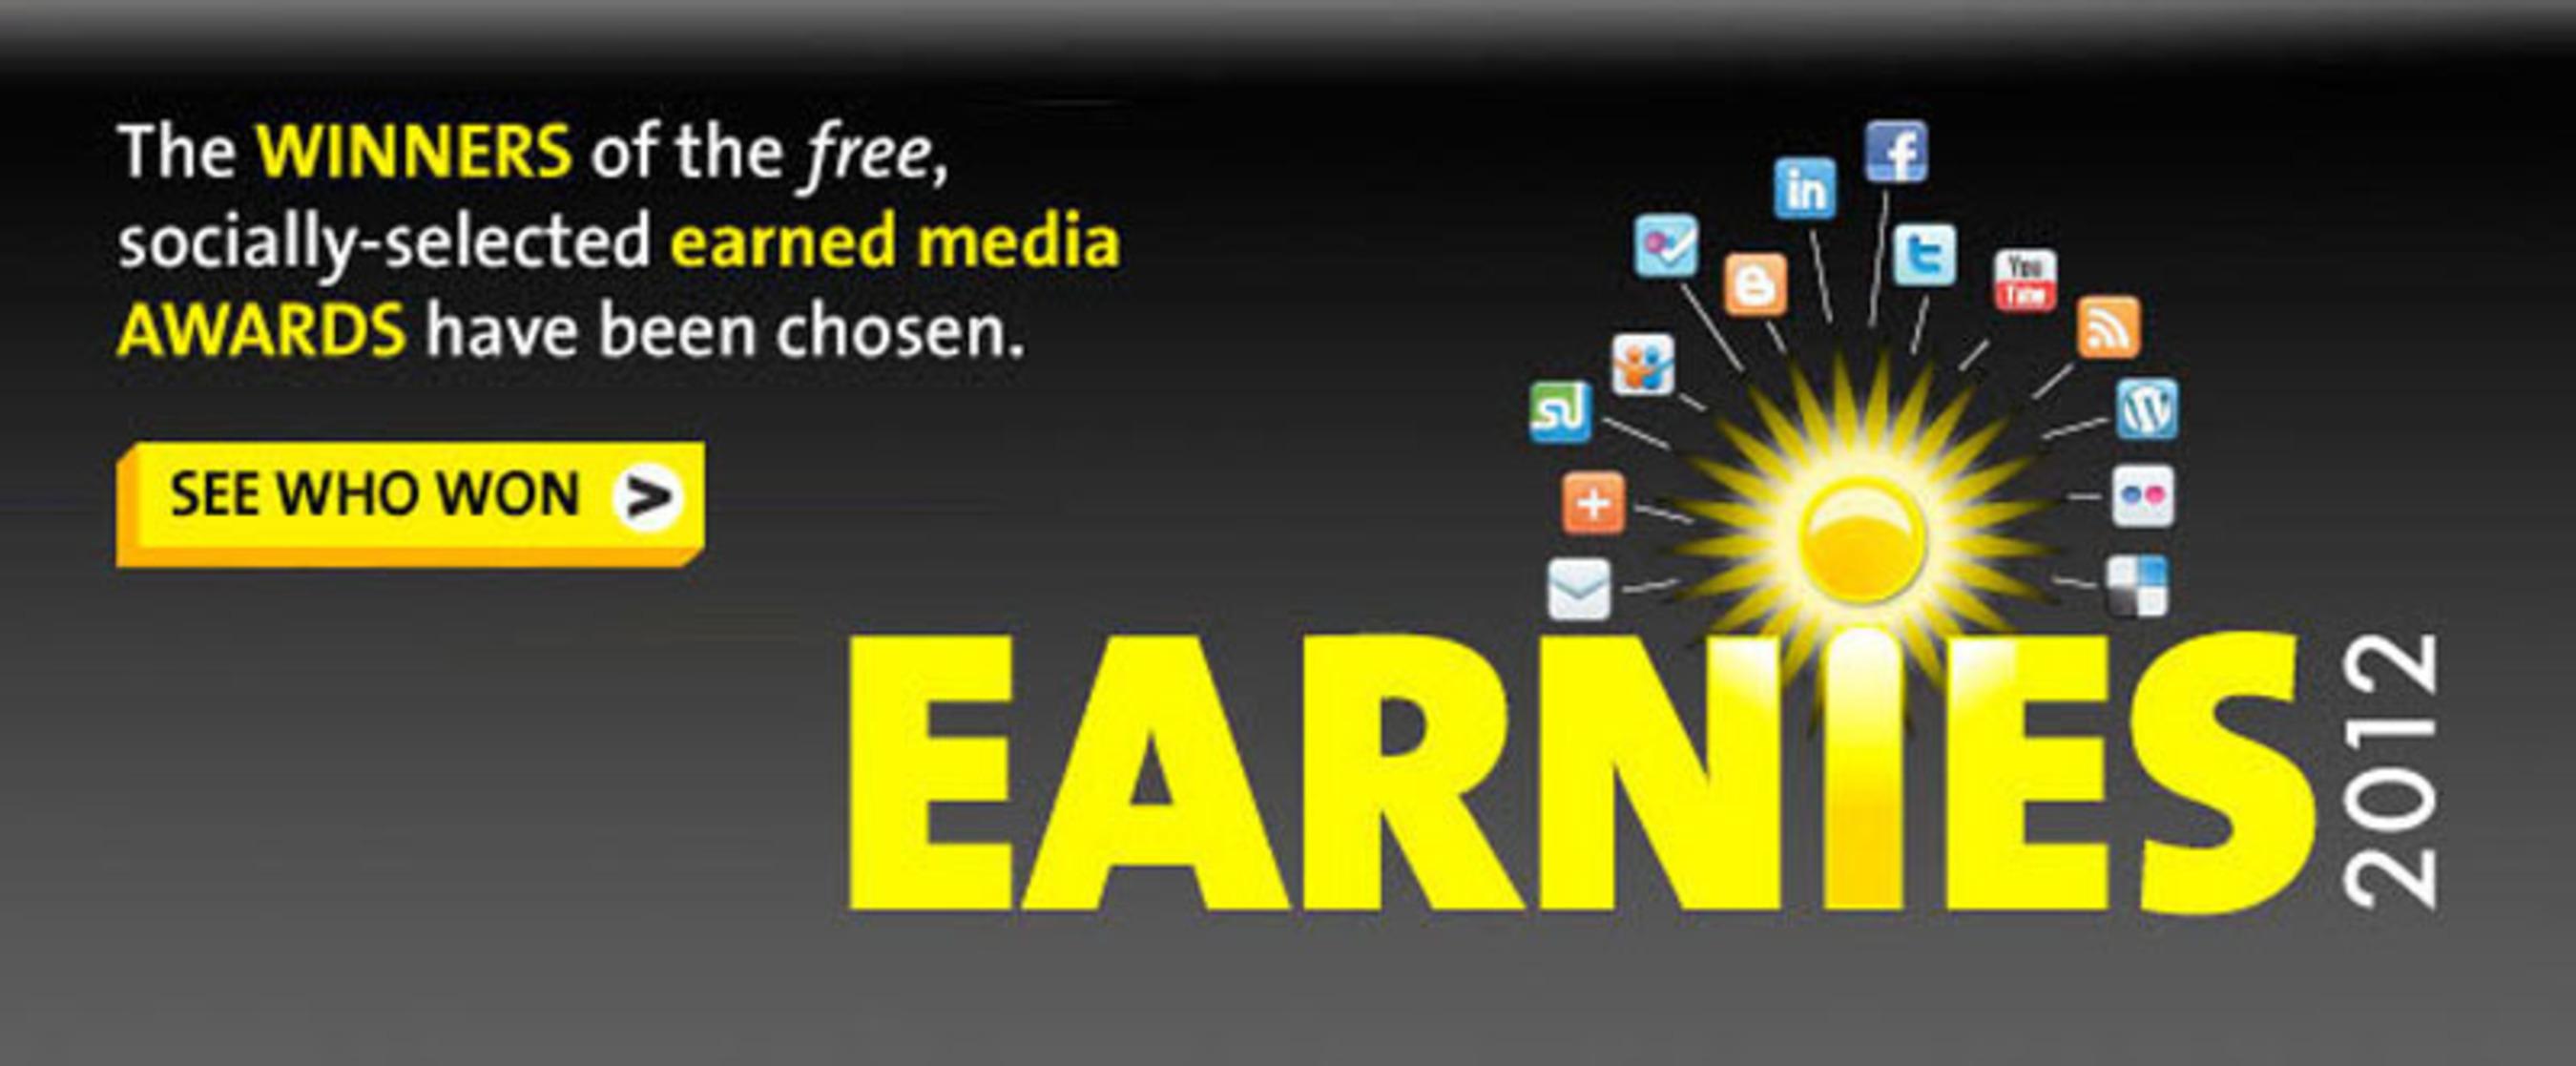 PR Newswire Announces the 2012 Earnies Award Winners (www.agilitycommunity.com).  (PRNewsFoto/PR Newswire Association LLC)